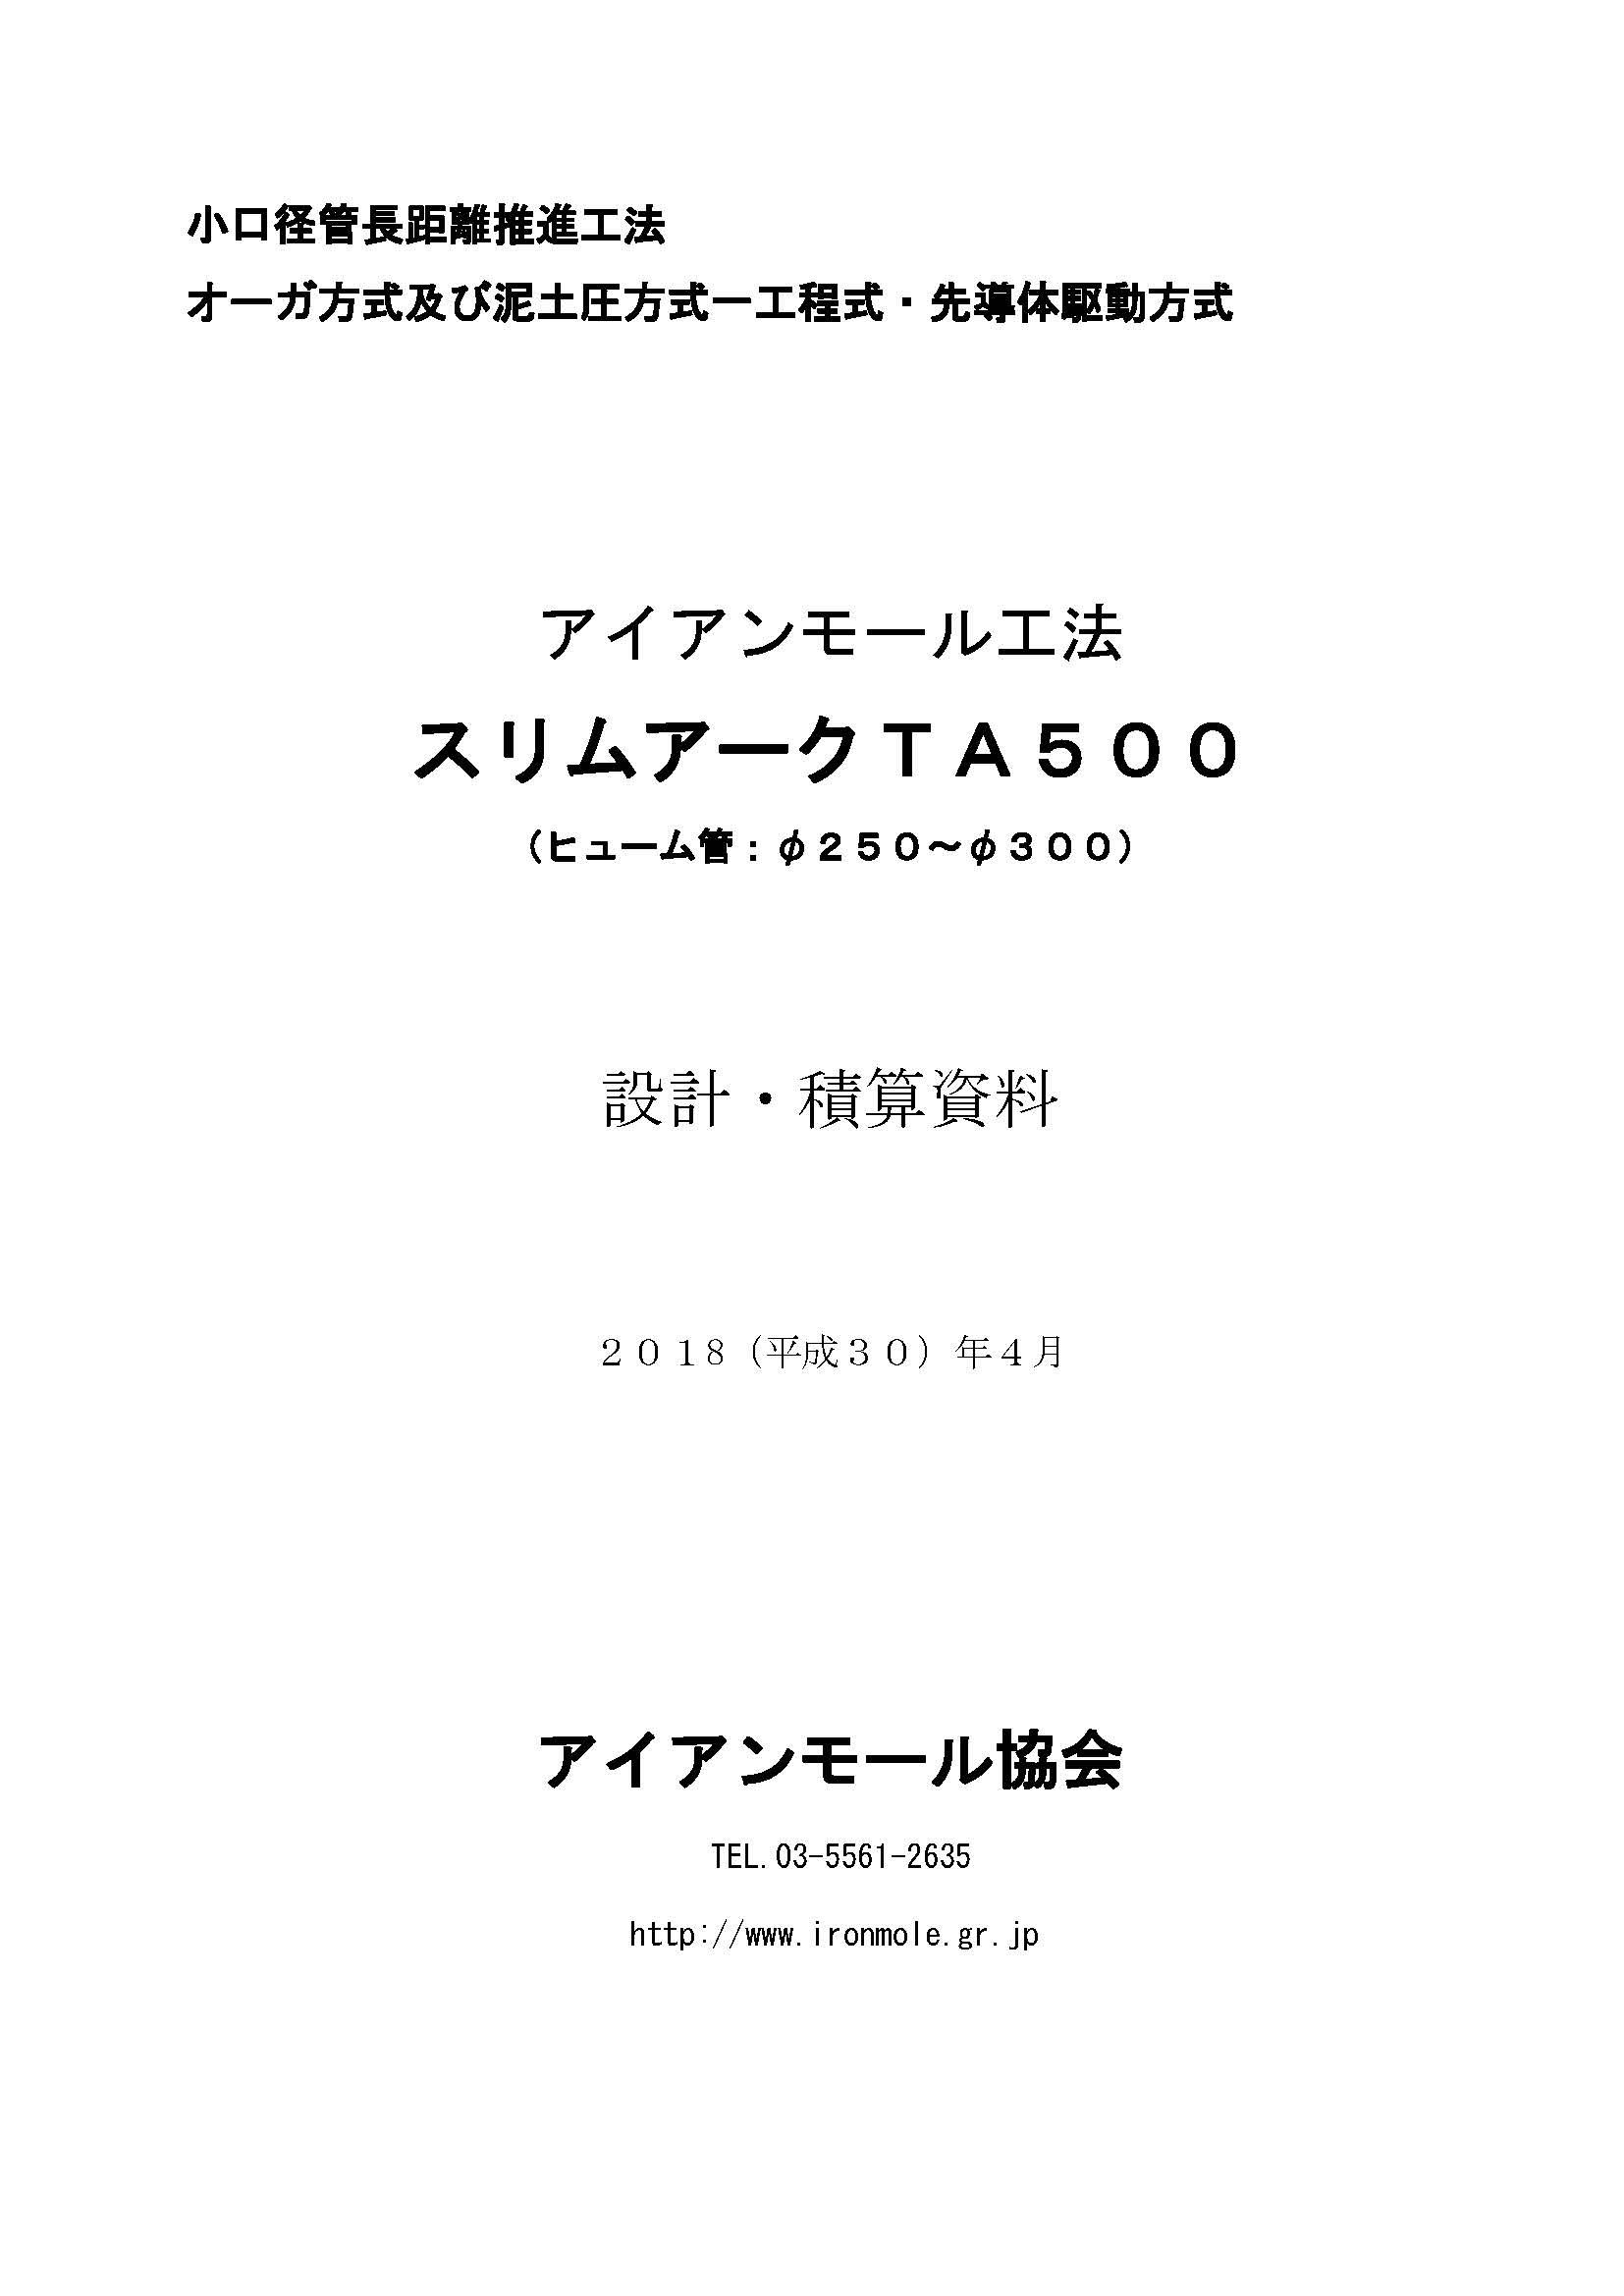 H30スリムアーク工法TA500_設計・積算資料 1